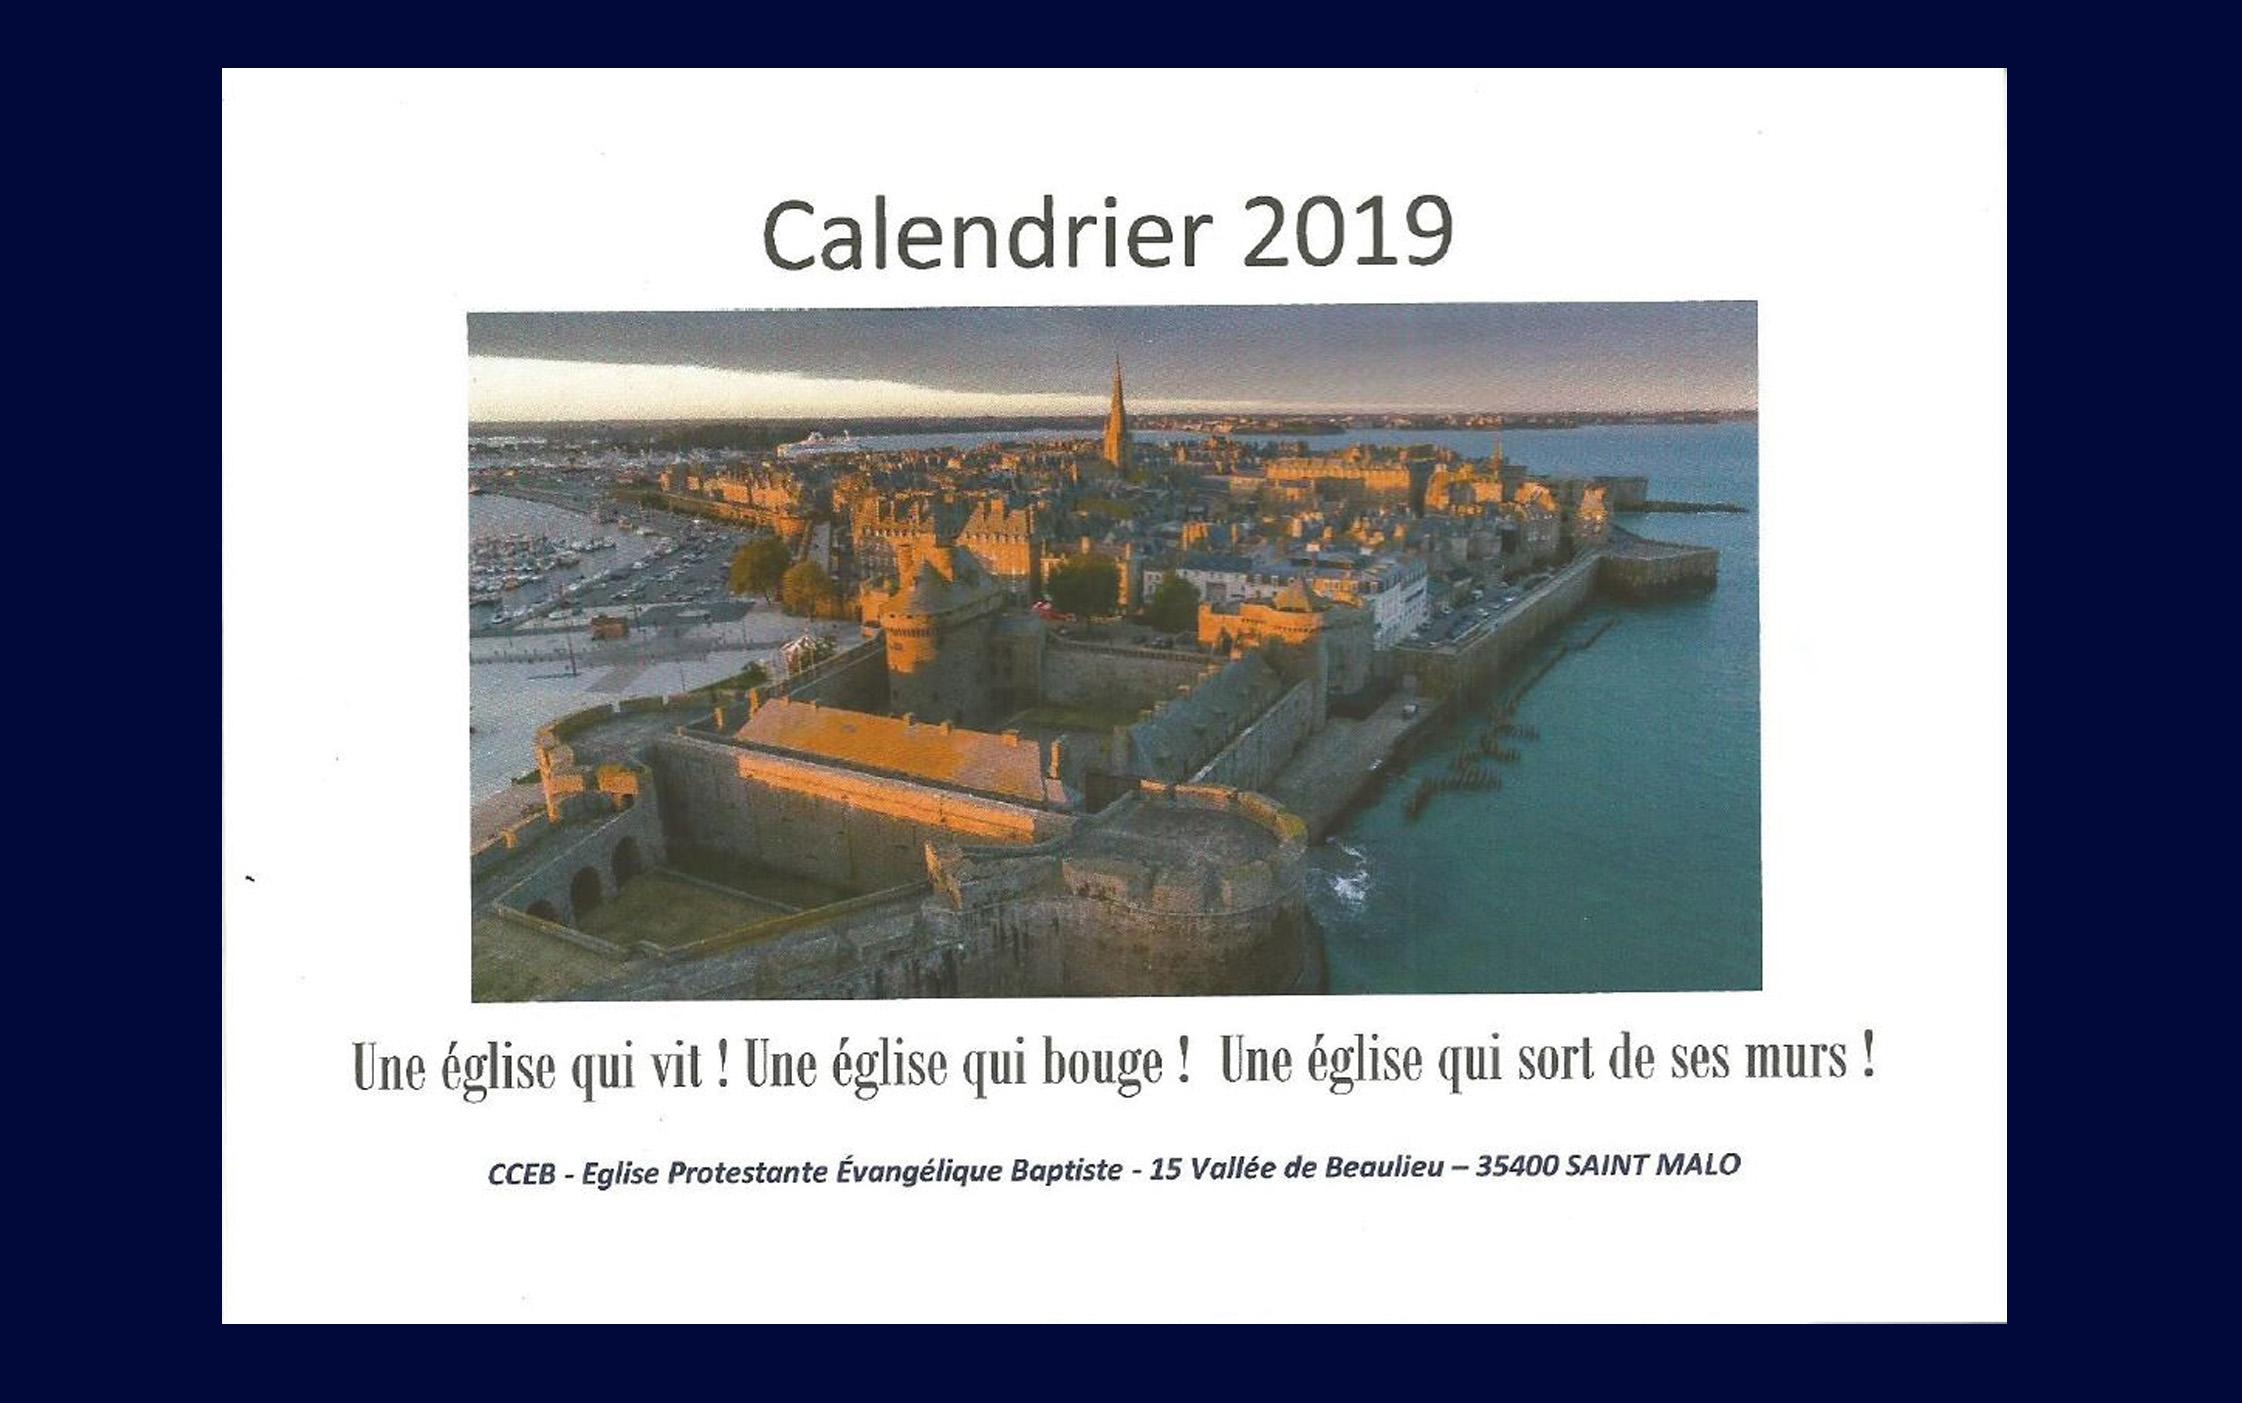 Calendrier eb_2019